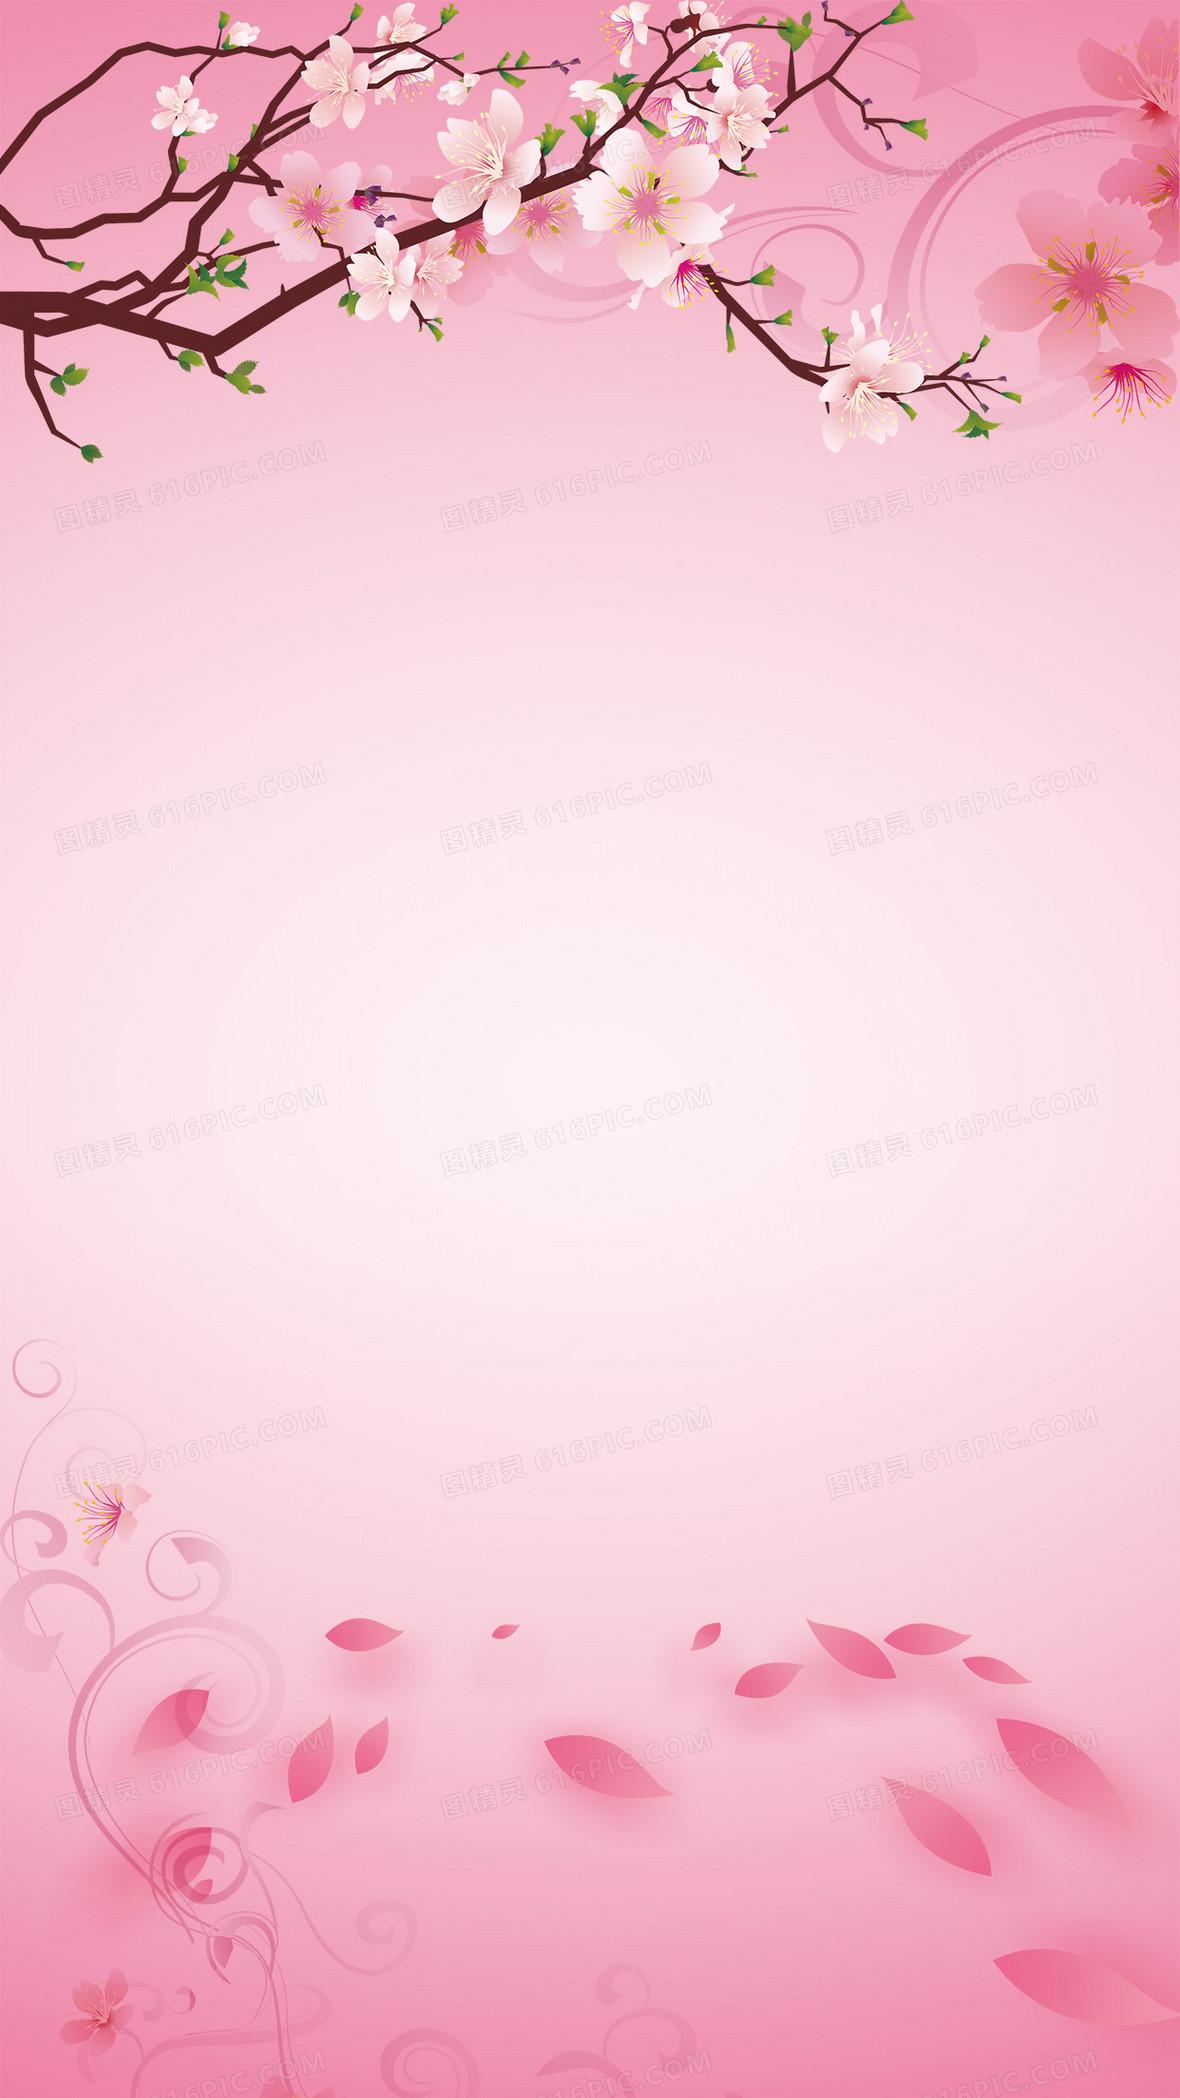 手绘花瓣粉色渐变h5背景